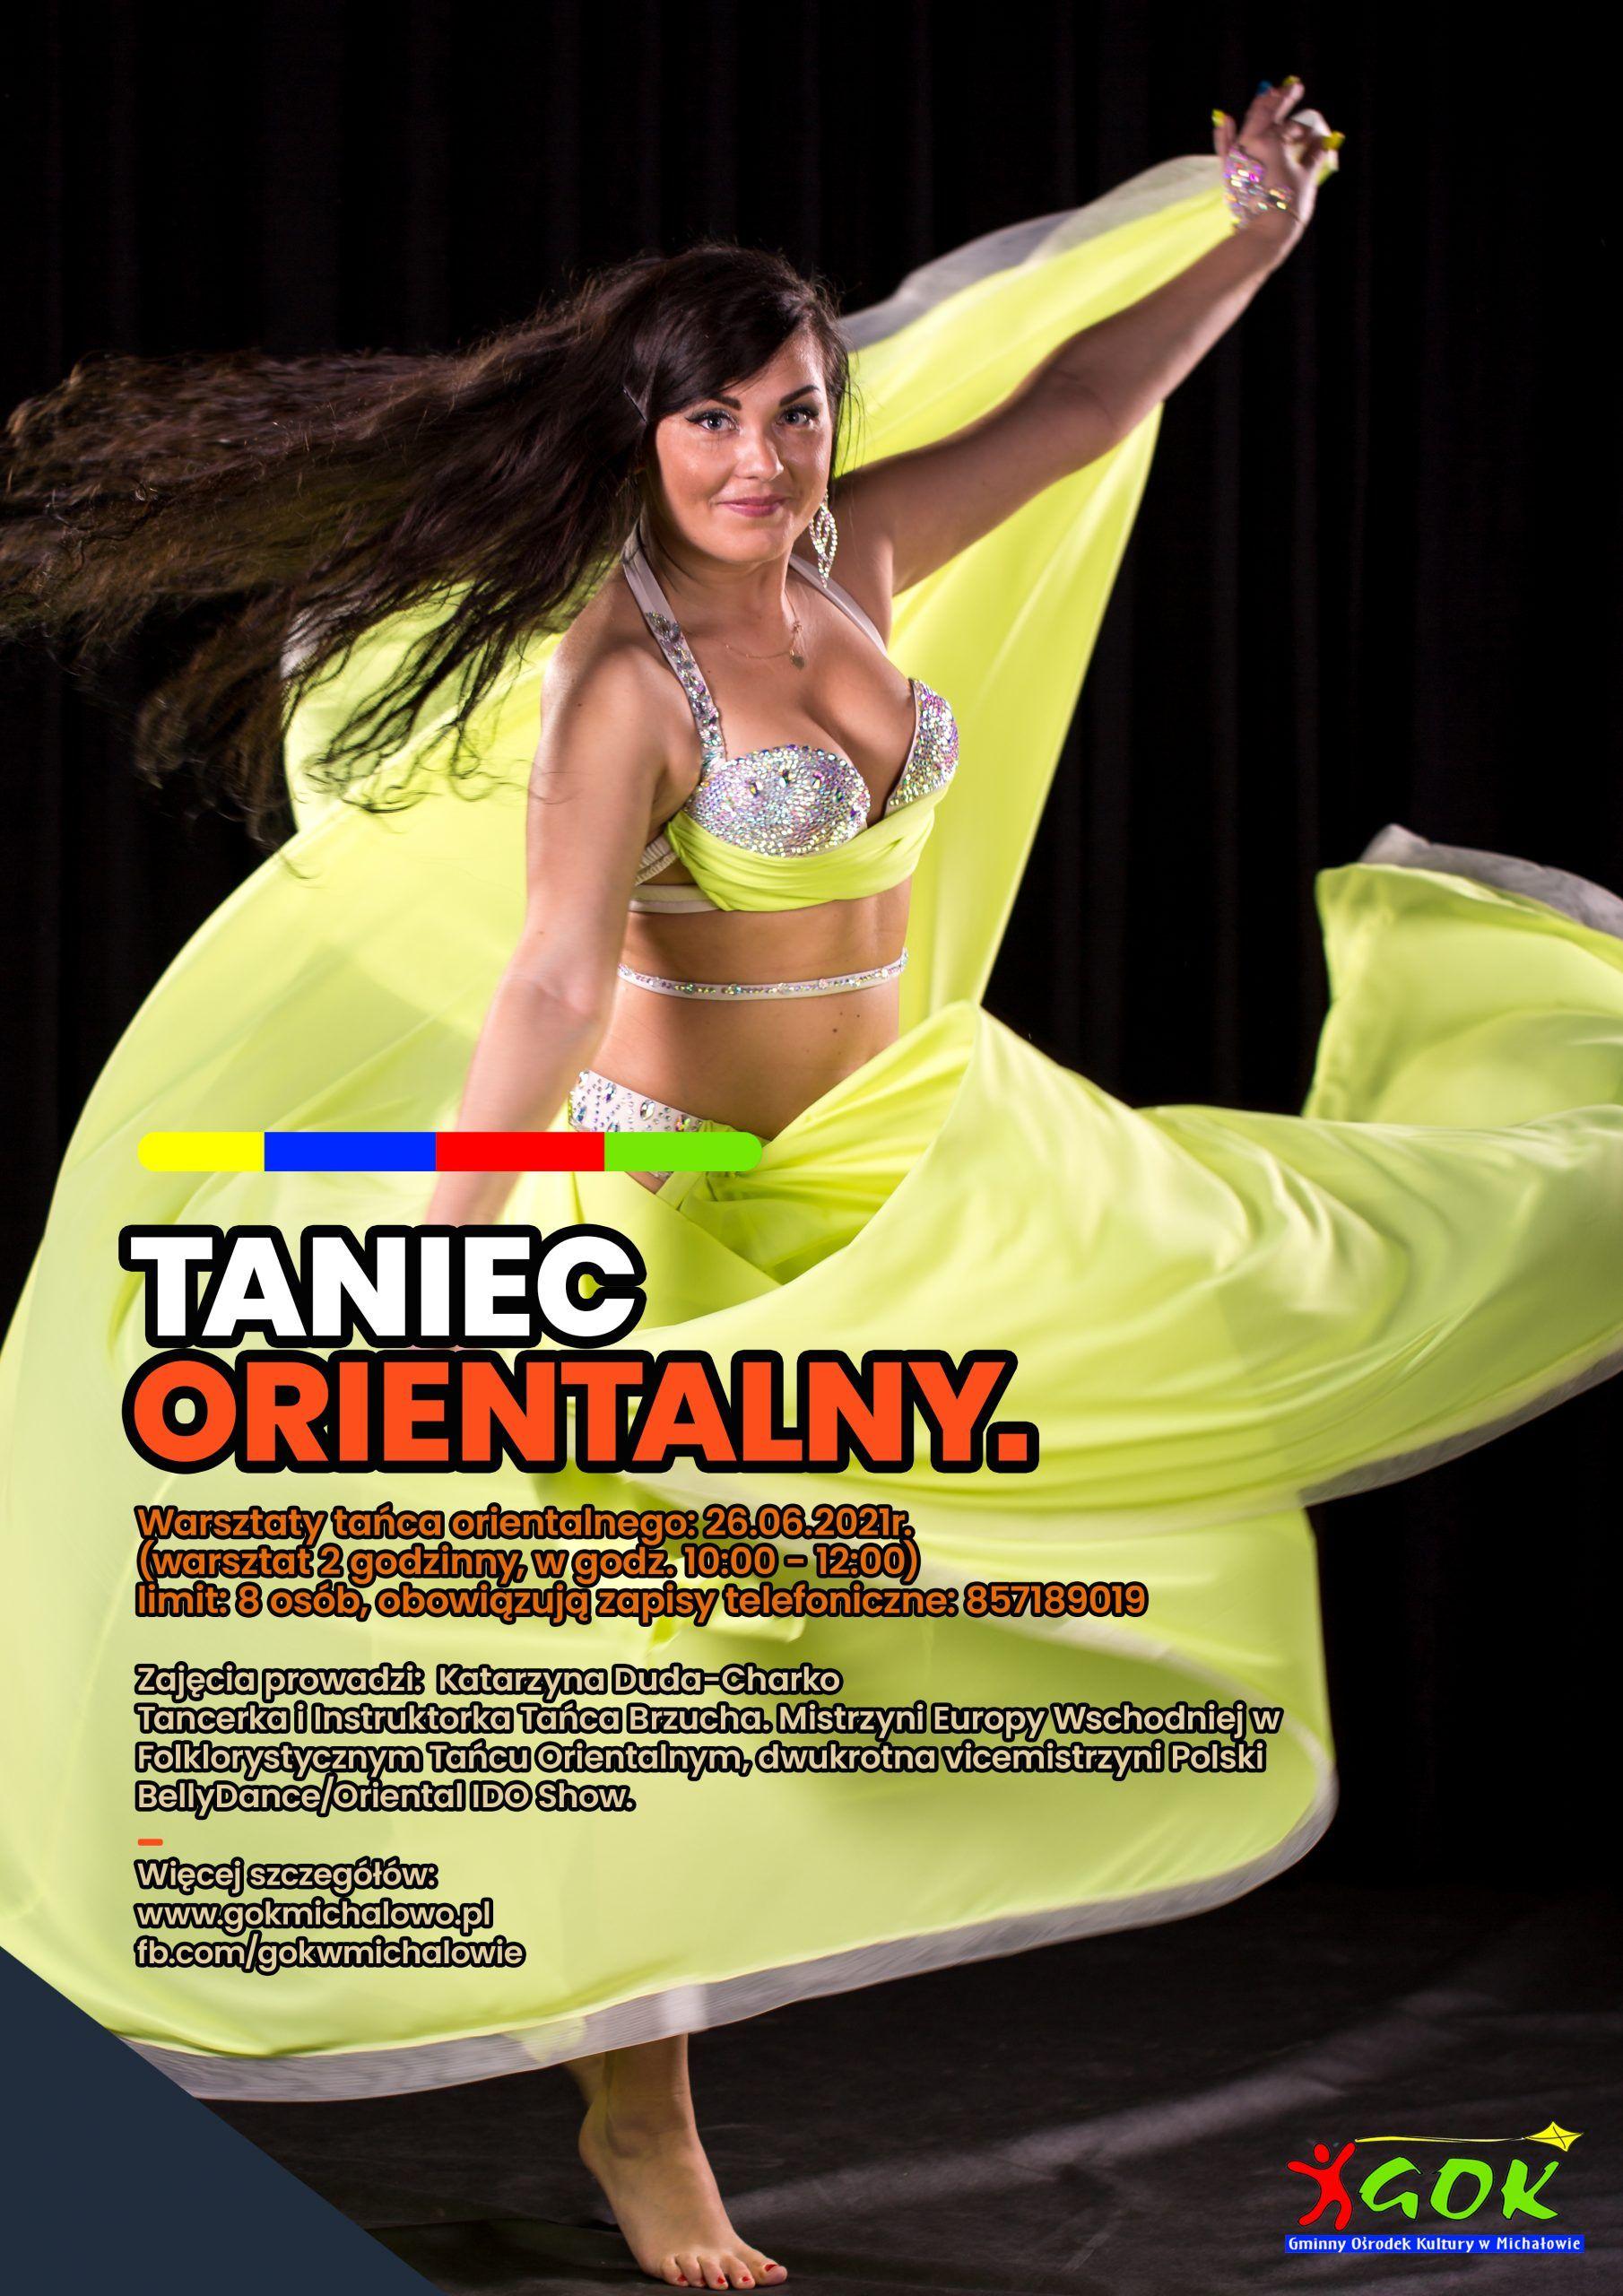 taniec_orientalny